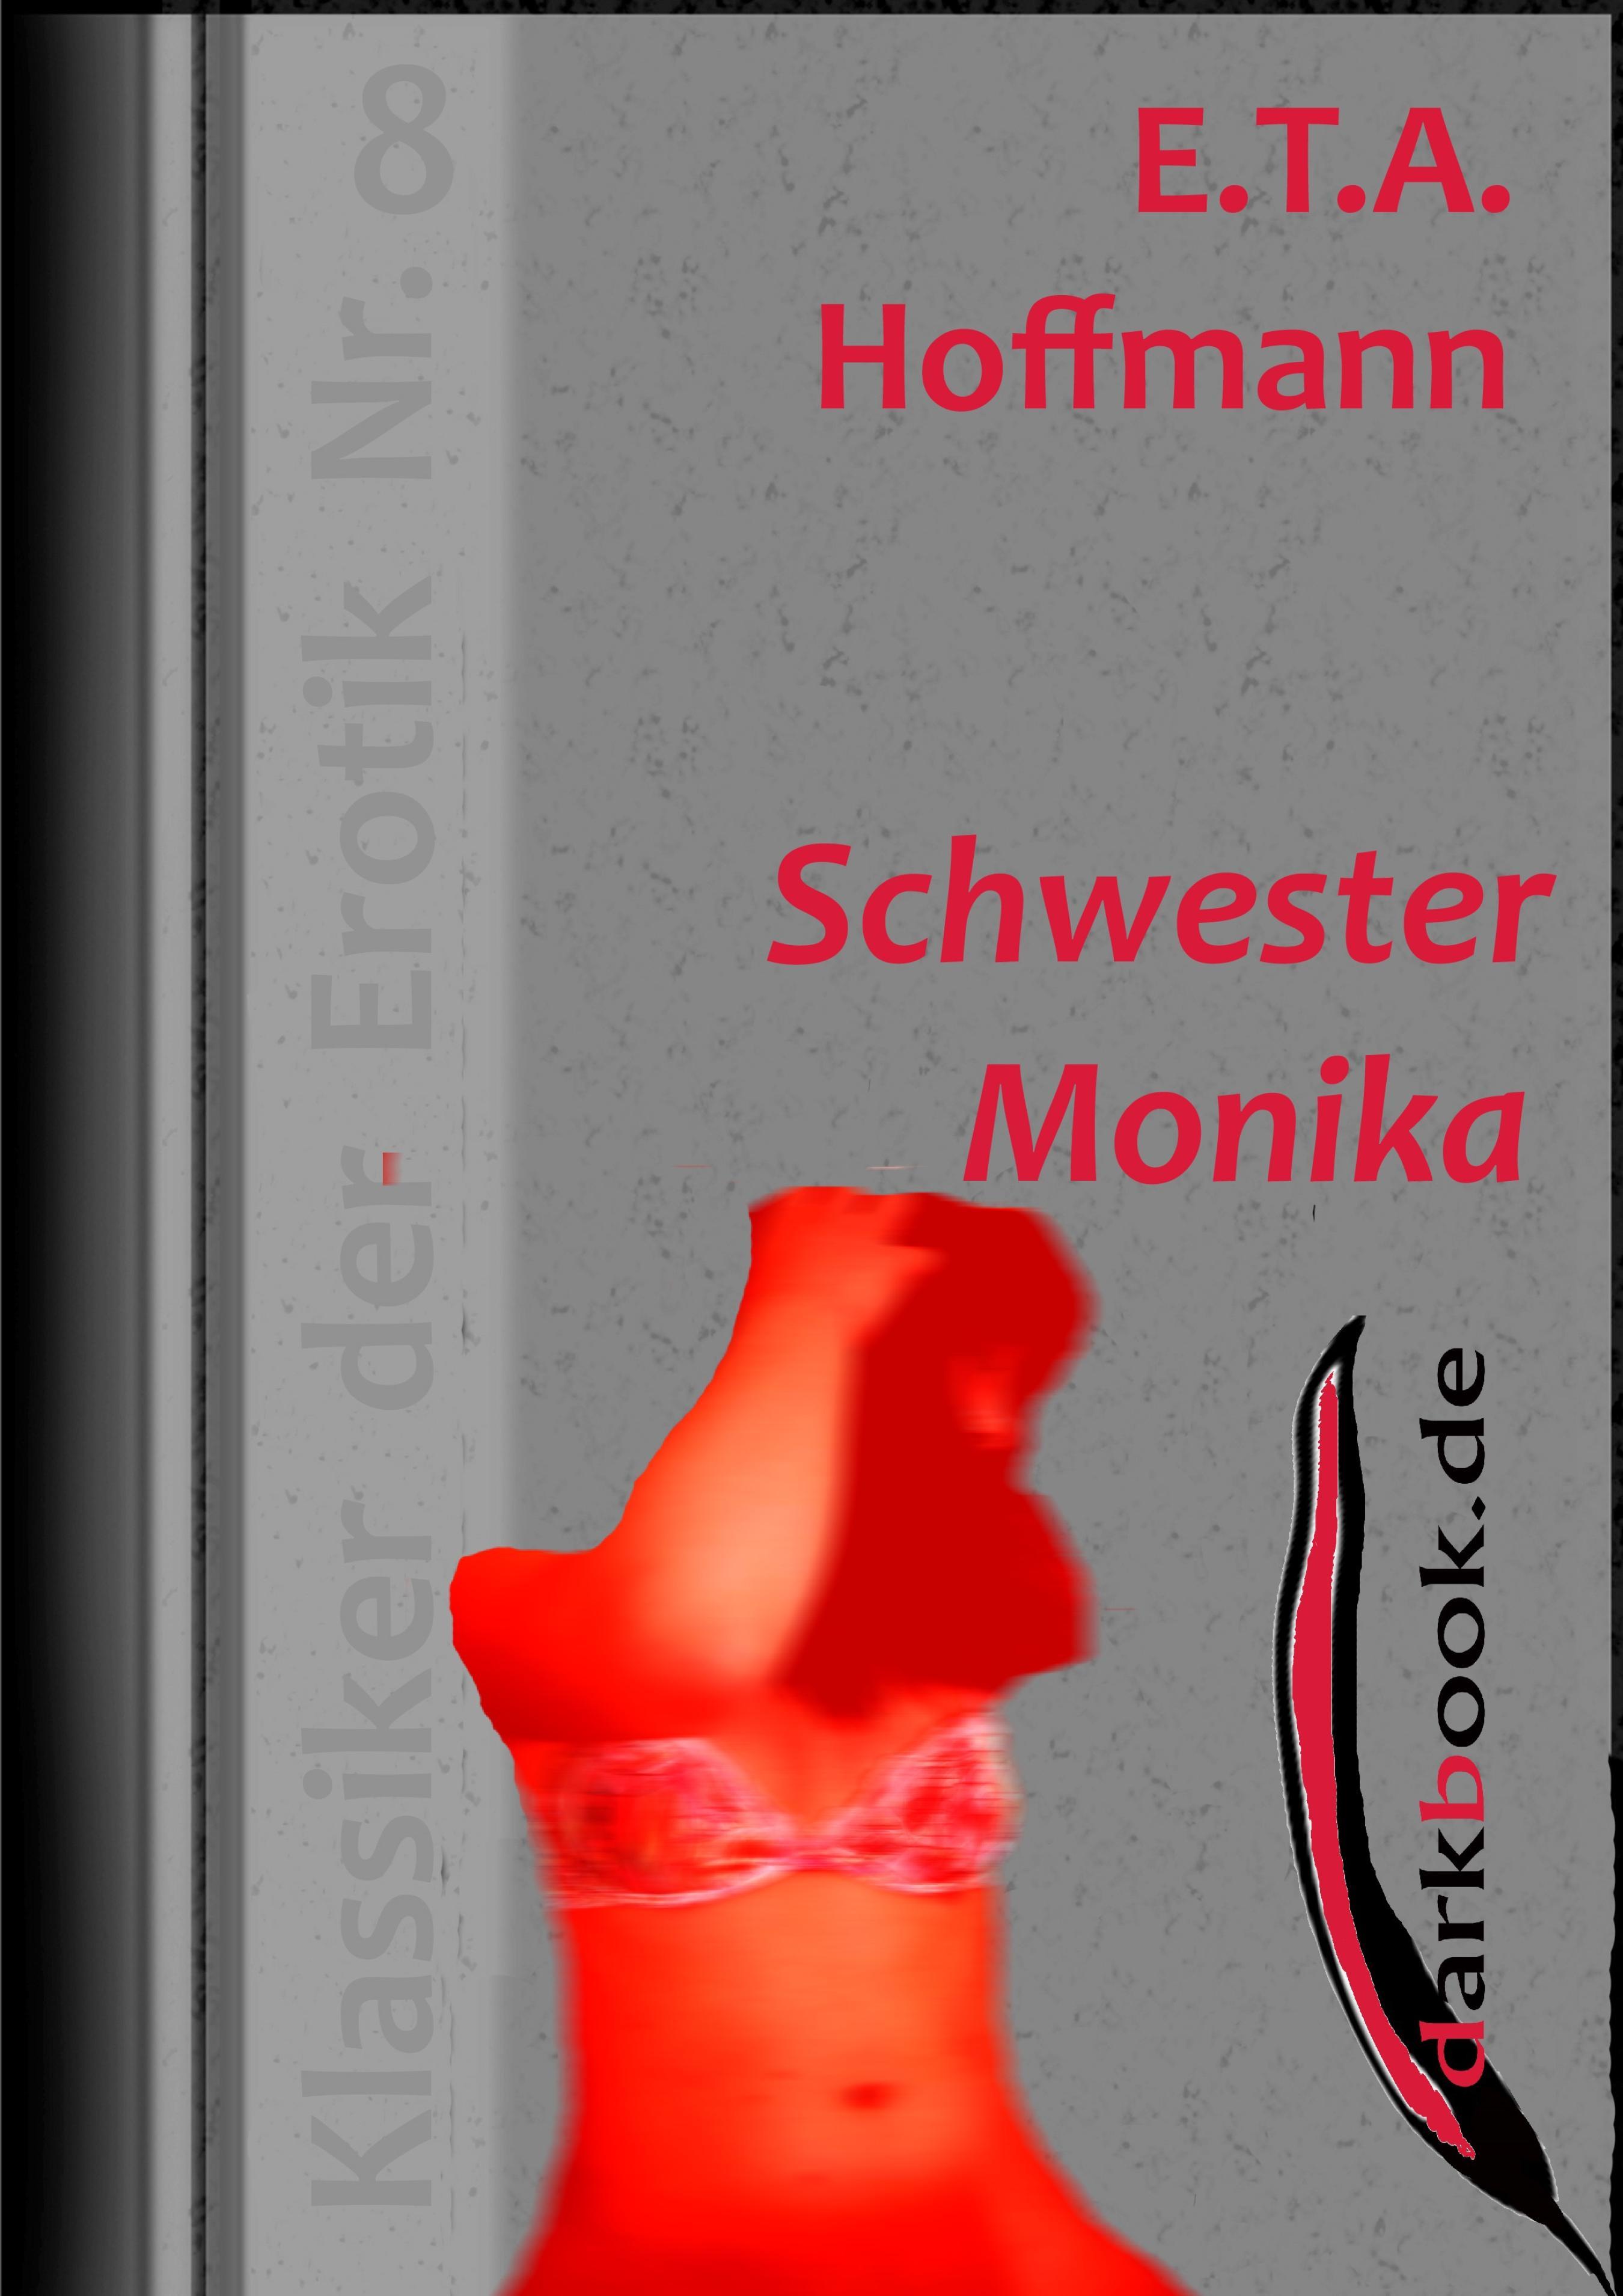 E.T.A. Hoffmann Schwester Monika